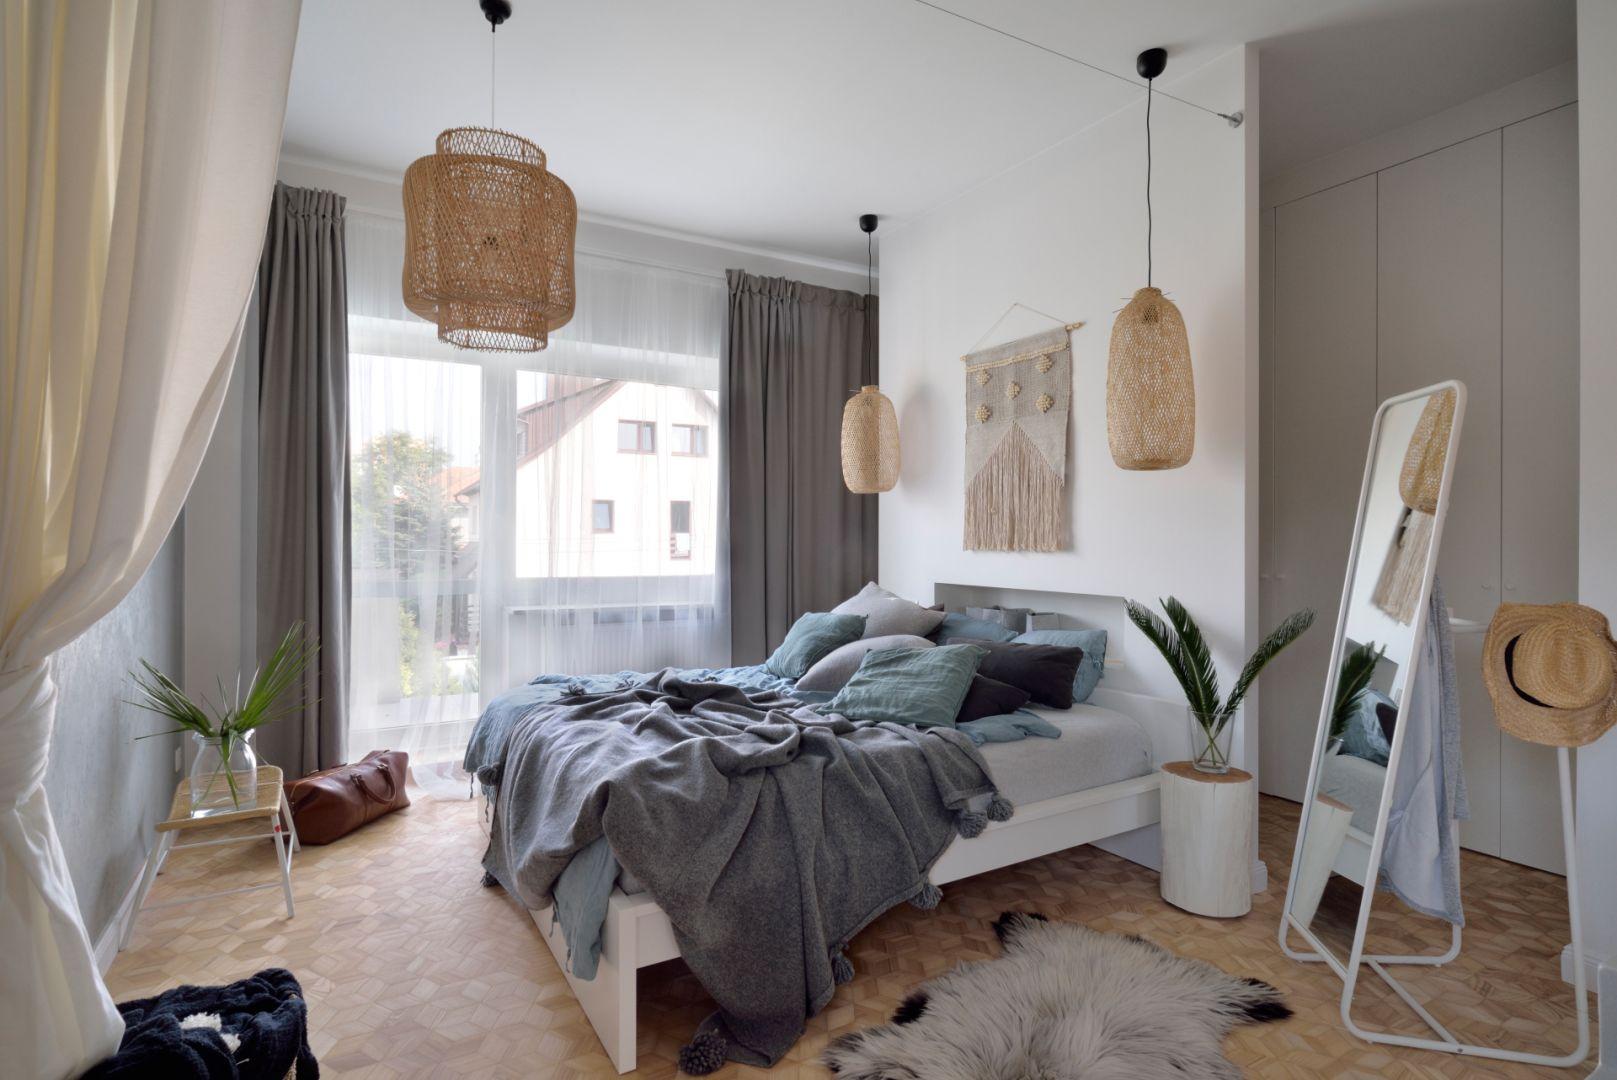 Najpiękniejsze sypialnie 2019 roku. Projekt: Shoko Design. Fot. Łukasz Nowosadzki /Archilens.pl